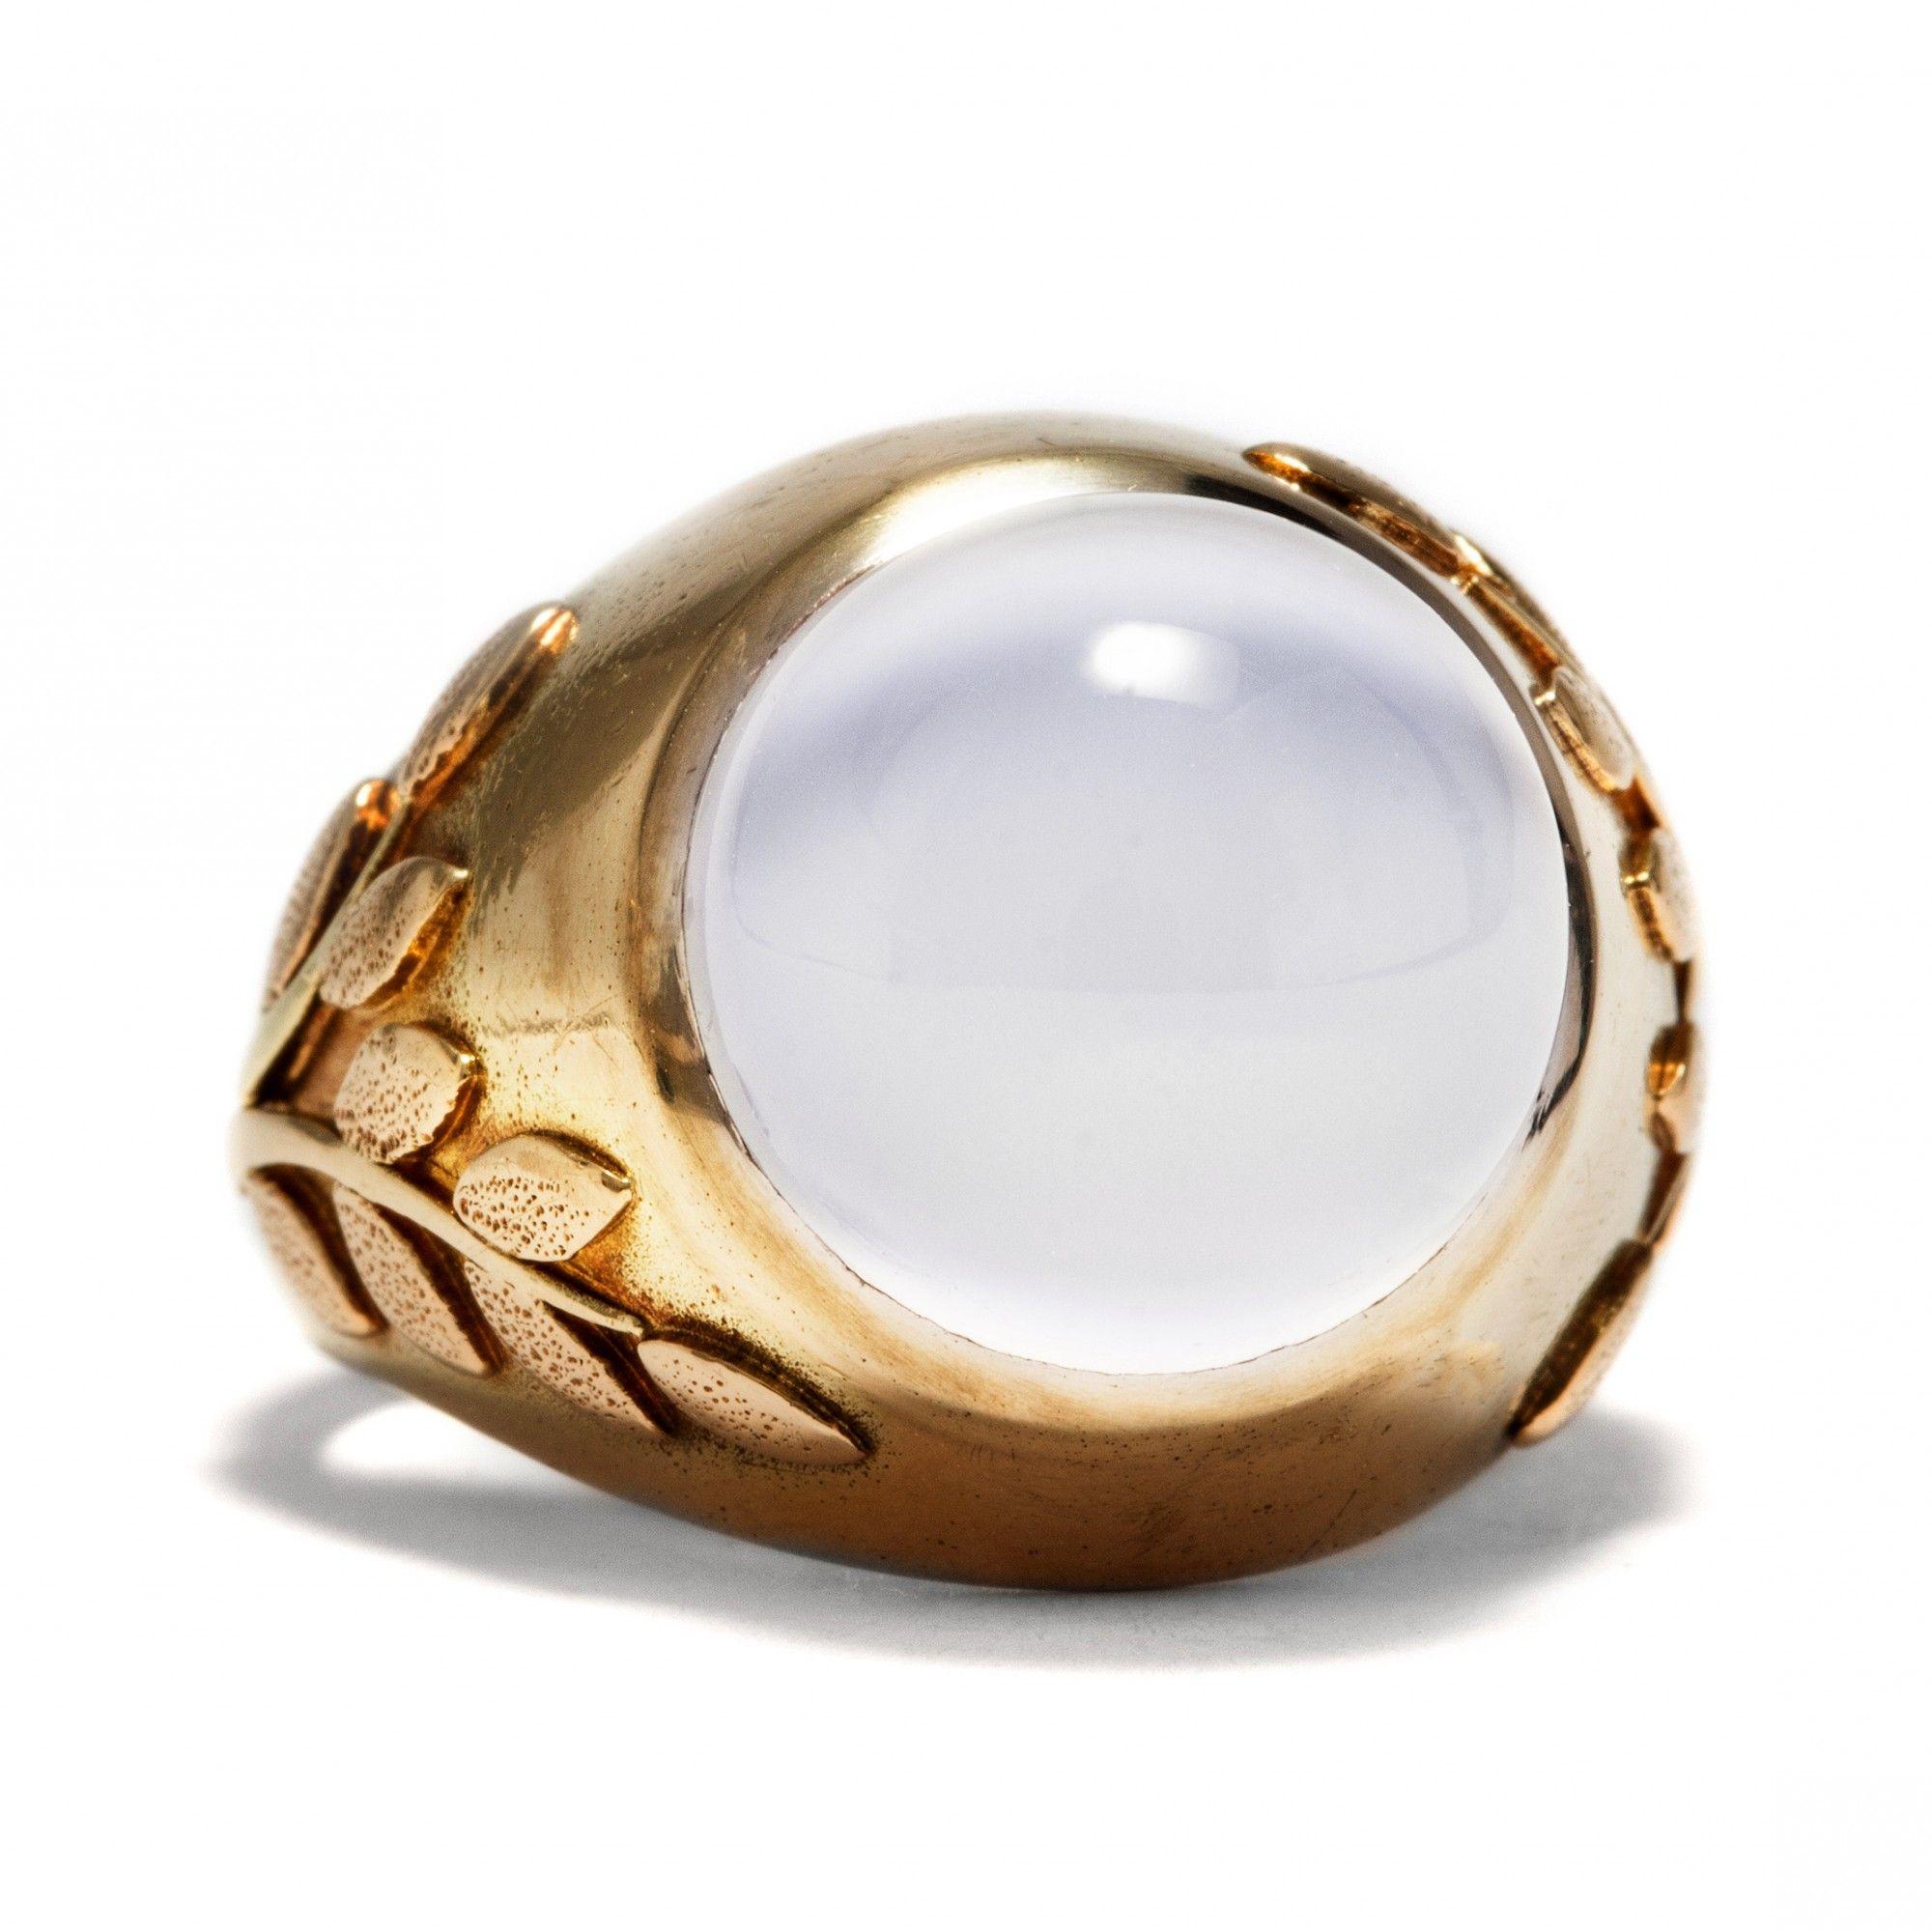 Goldring mit mondstein  Lunar Experience - Außergewöhnlicher Gold-Ring mit Mondstein, um ...